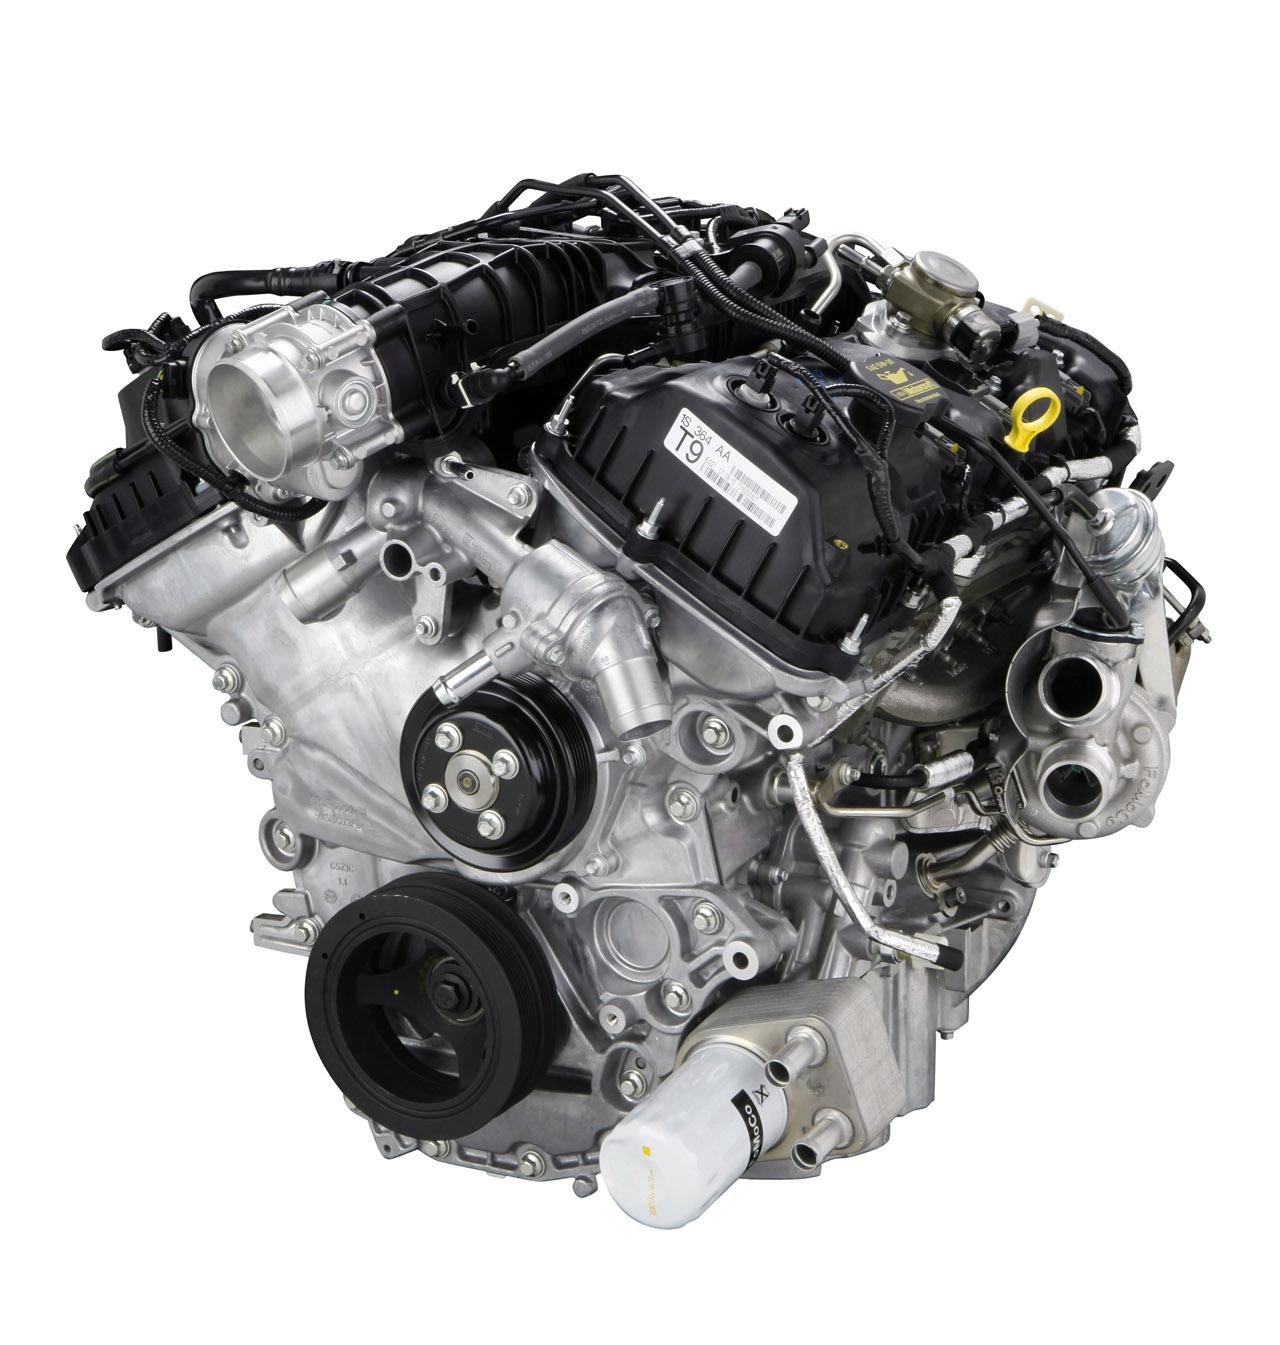 2011 Ford F-150 3.5-liter EcoBoost Engine